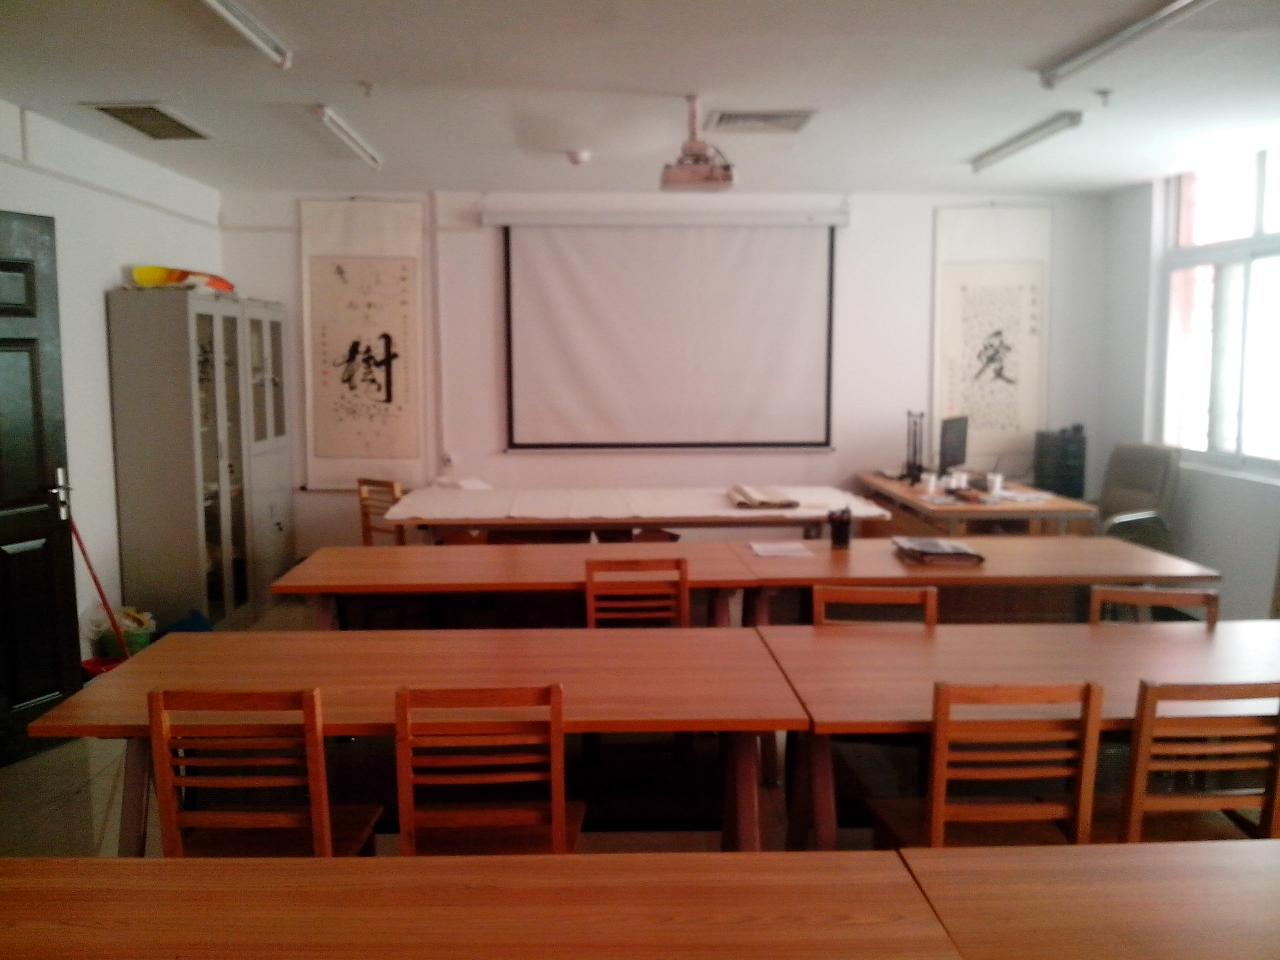 中国硬笔书法协会招聘书画教师